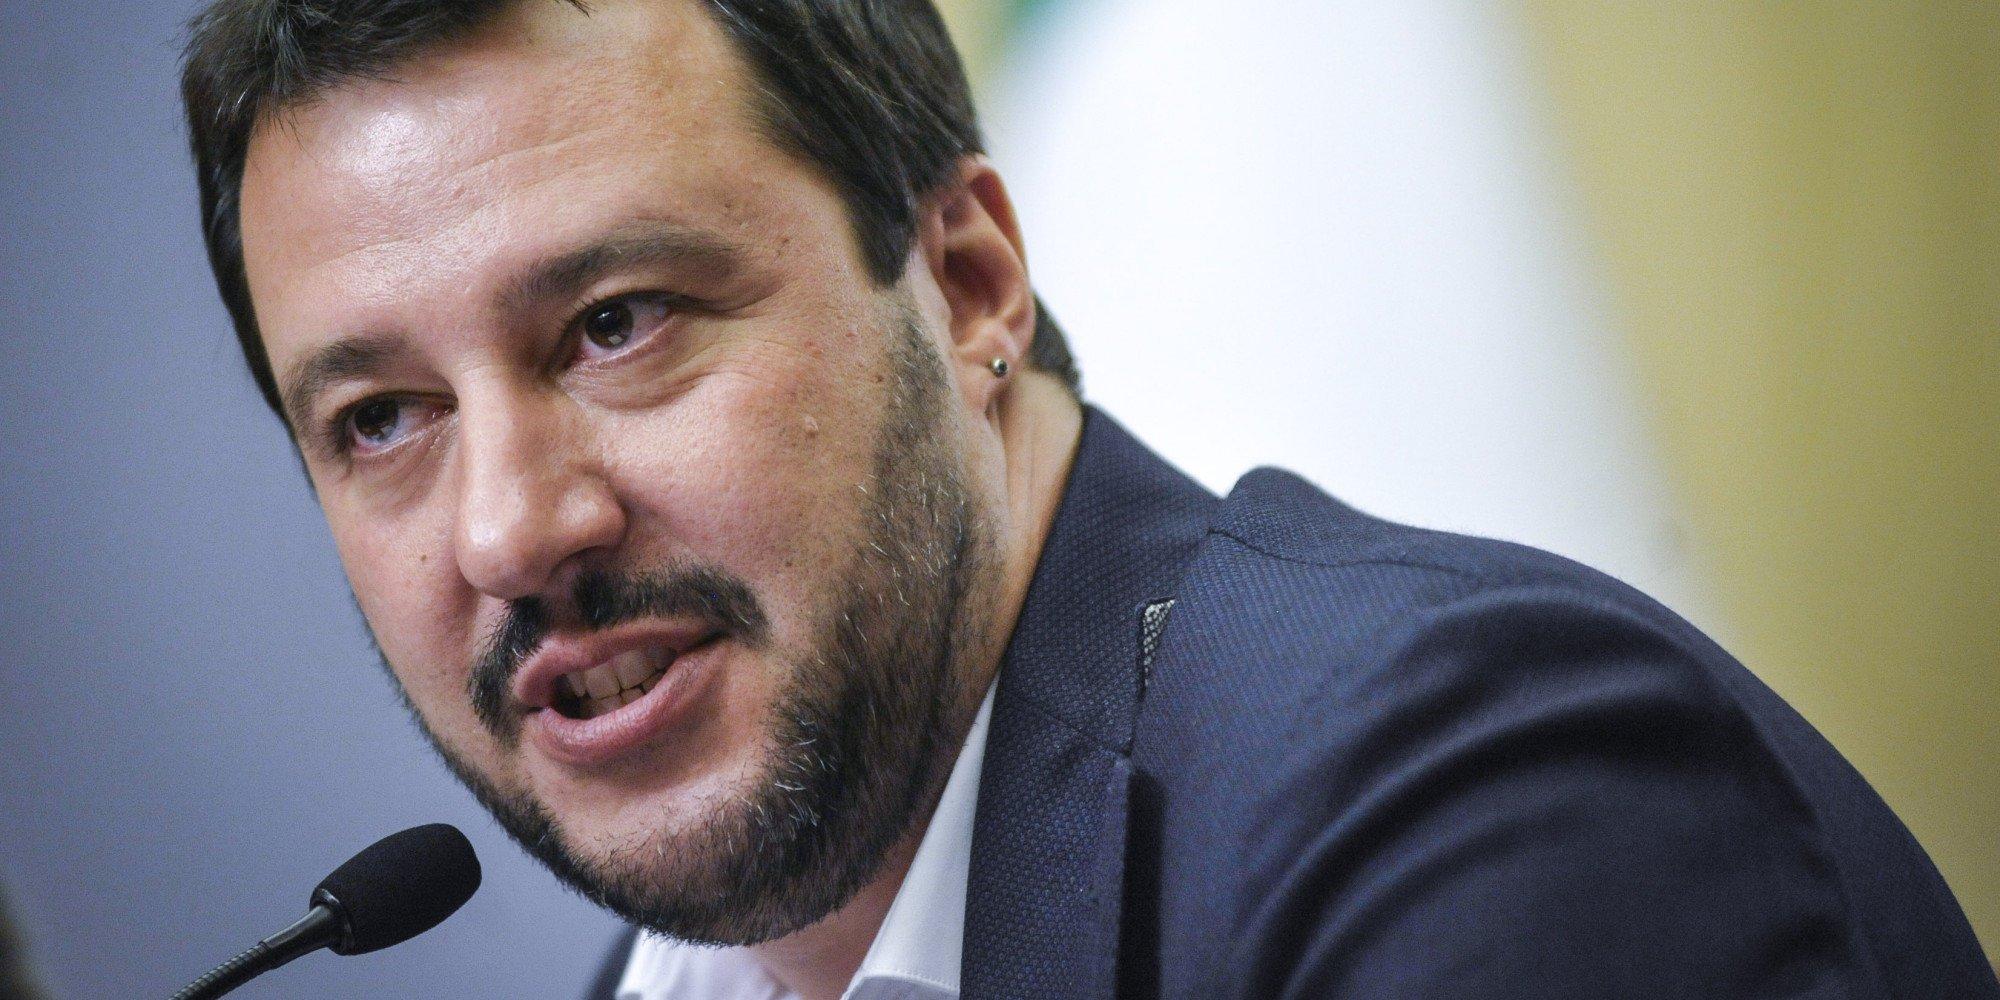 Domiciliari per piromane arrestato nel territorio del Parco ironia di Salvini